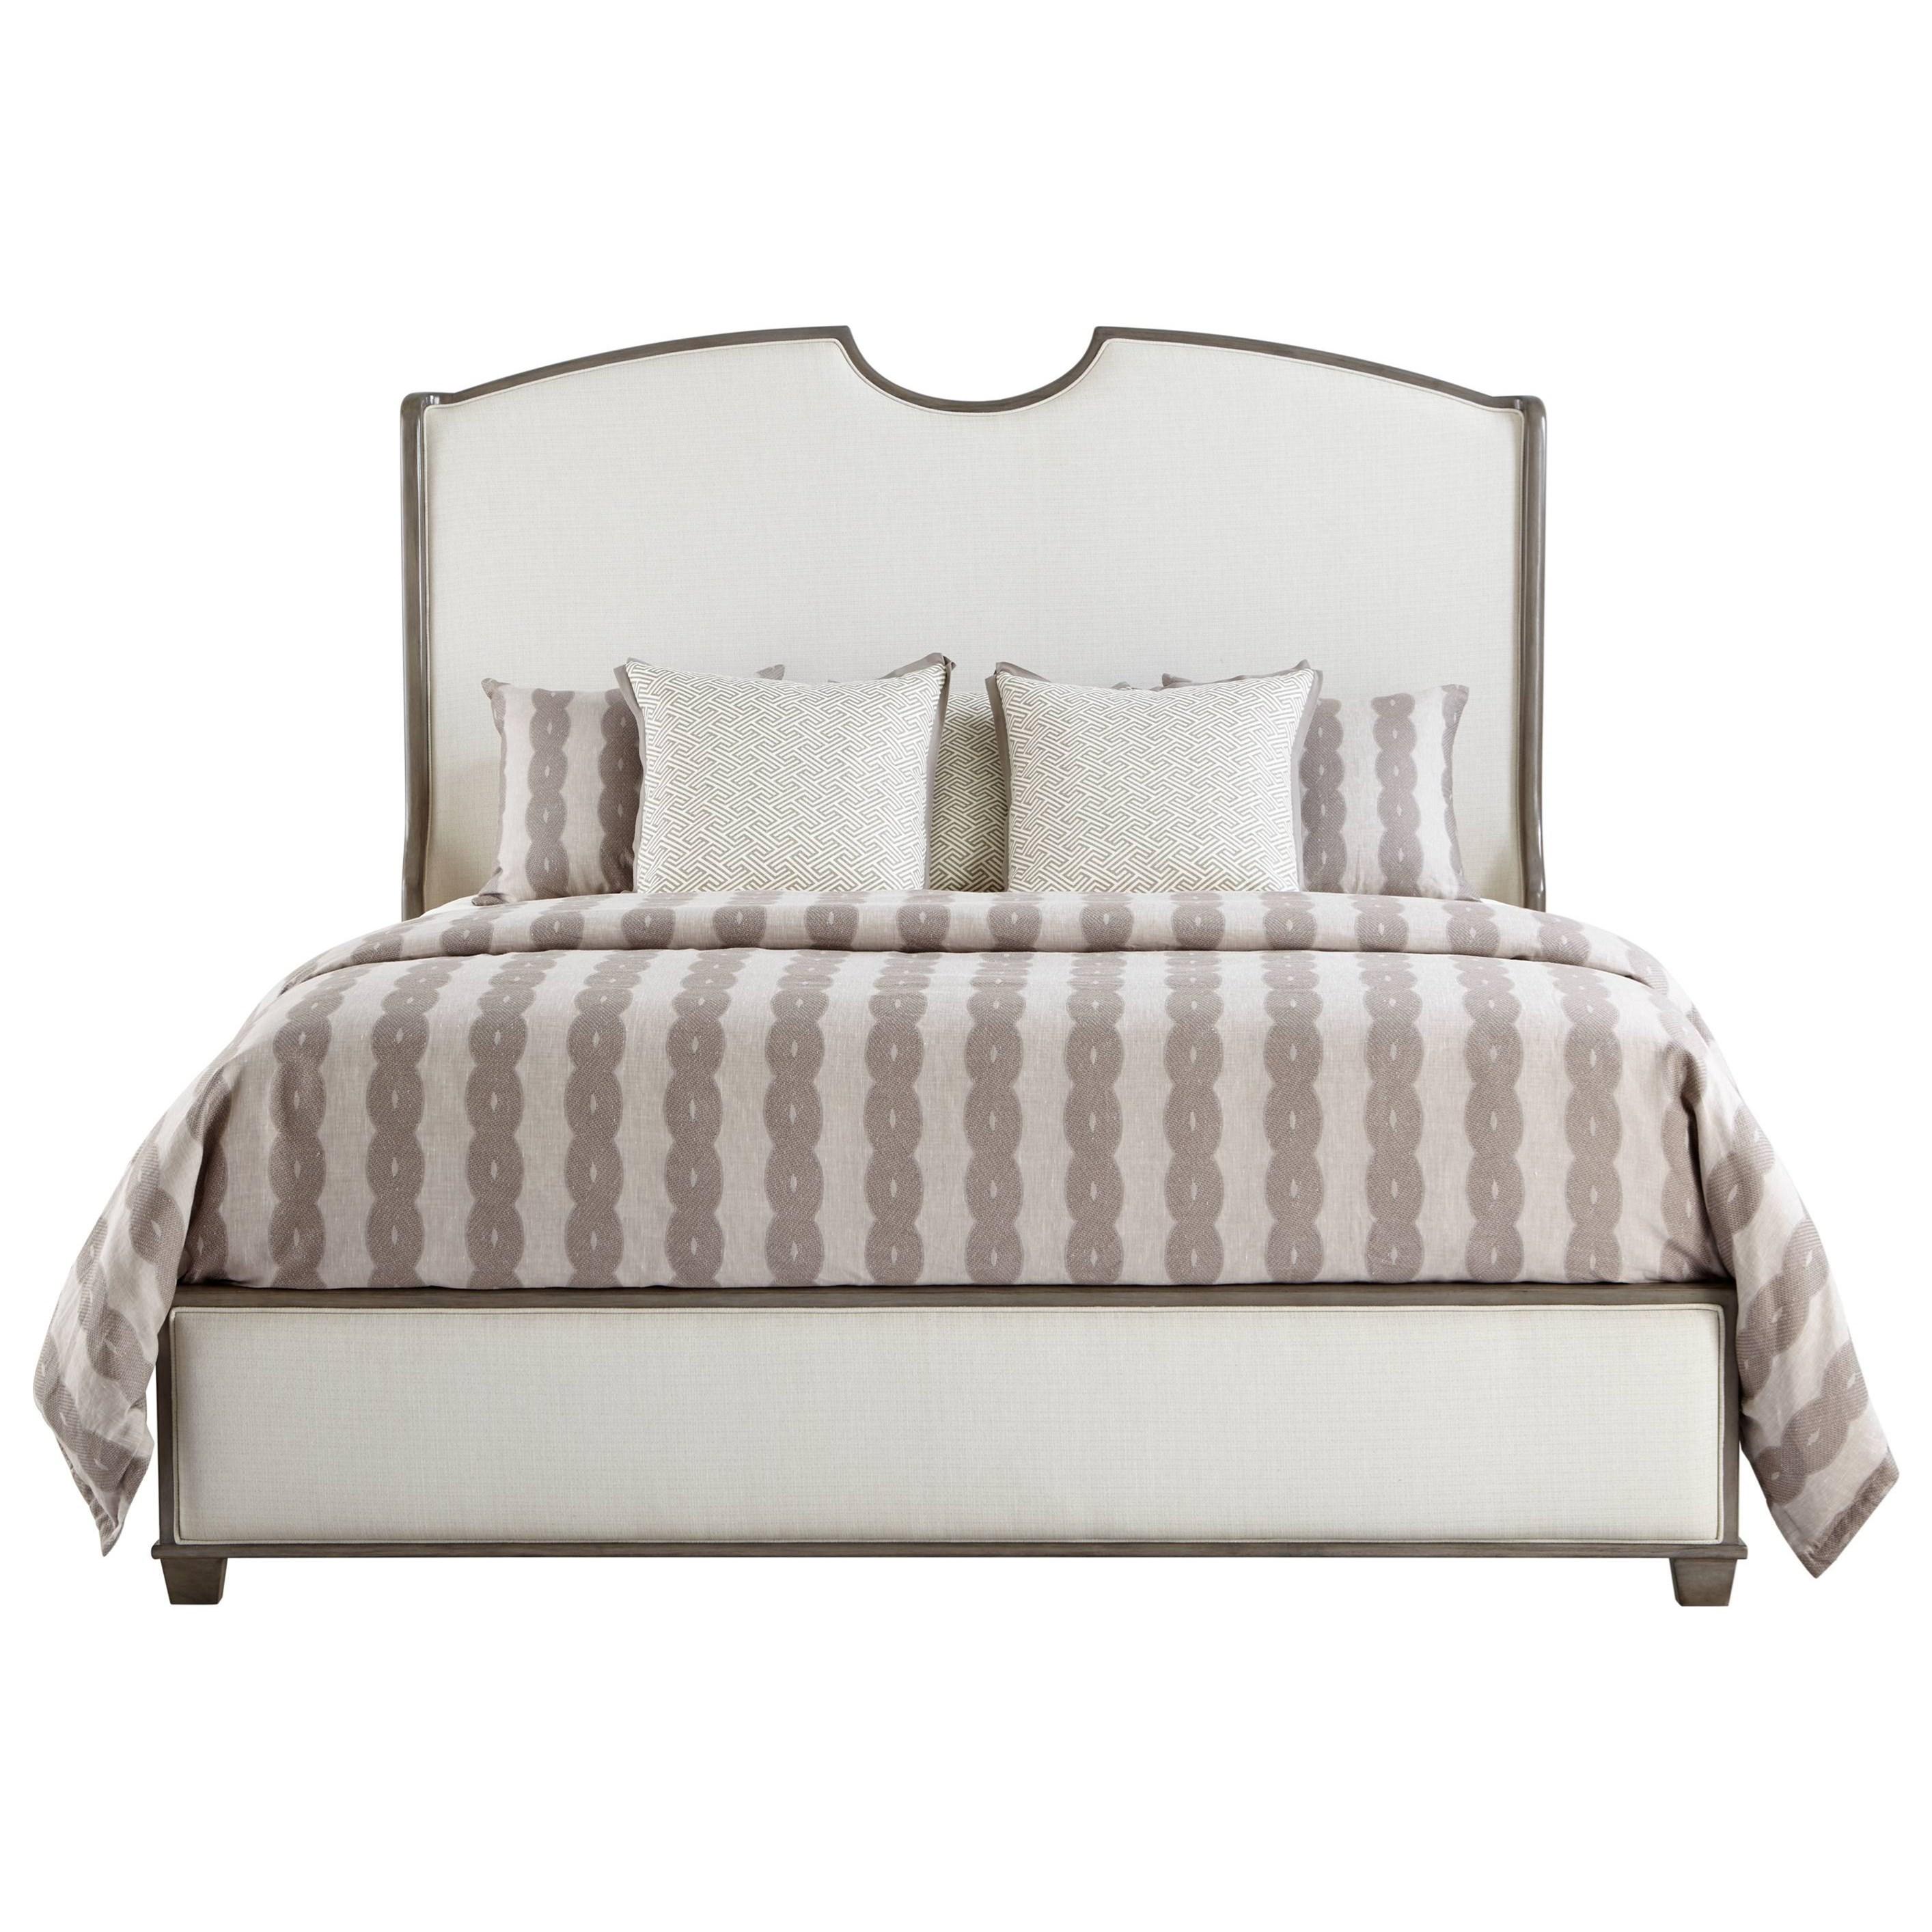 Stanley Furniture Coastal Living Oasis King Solstice Canyon Shelter Bed - Item Number: 527-63-47